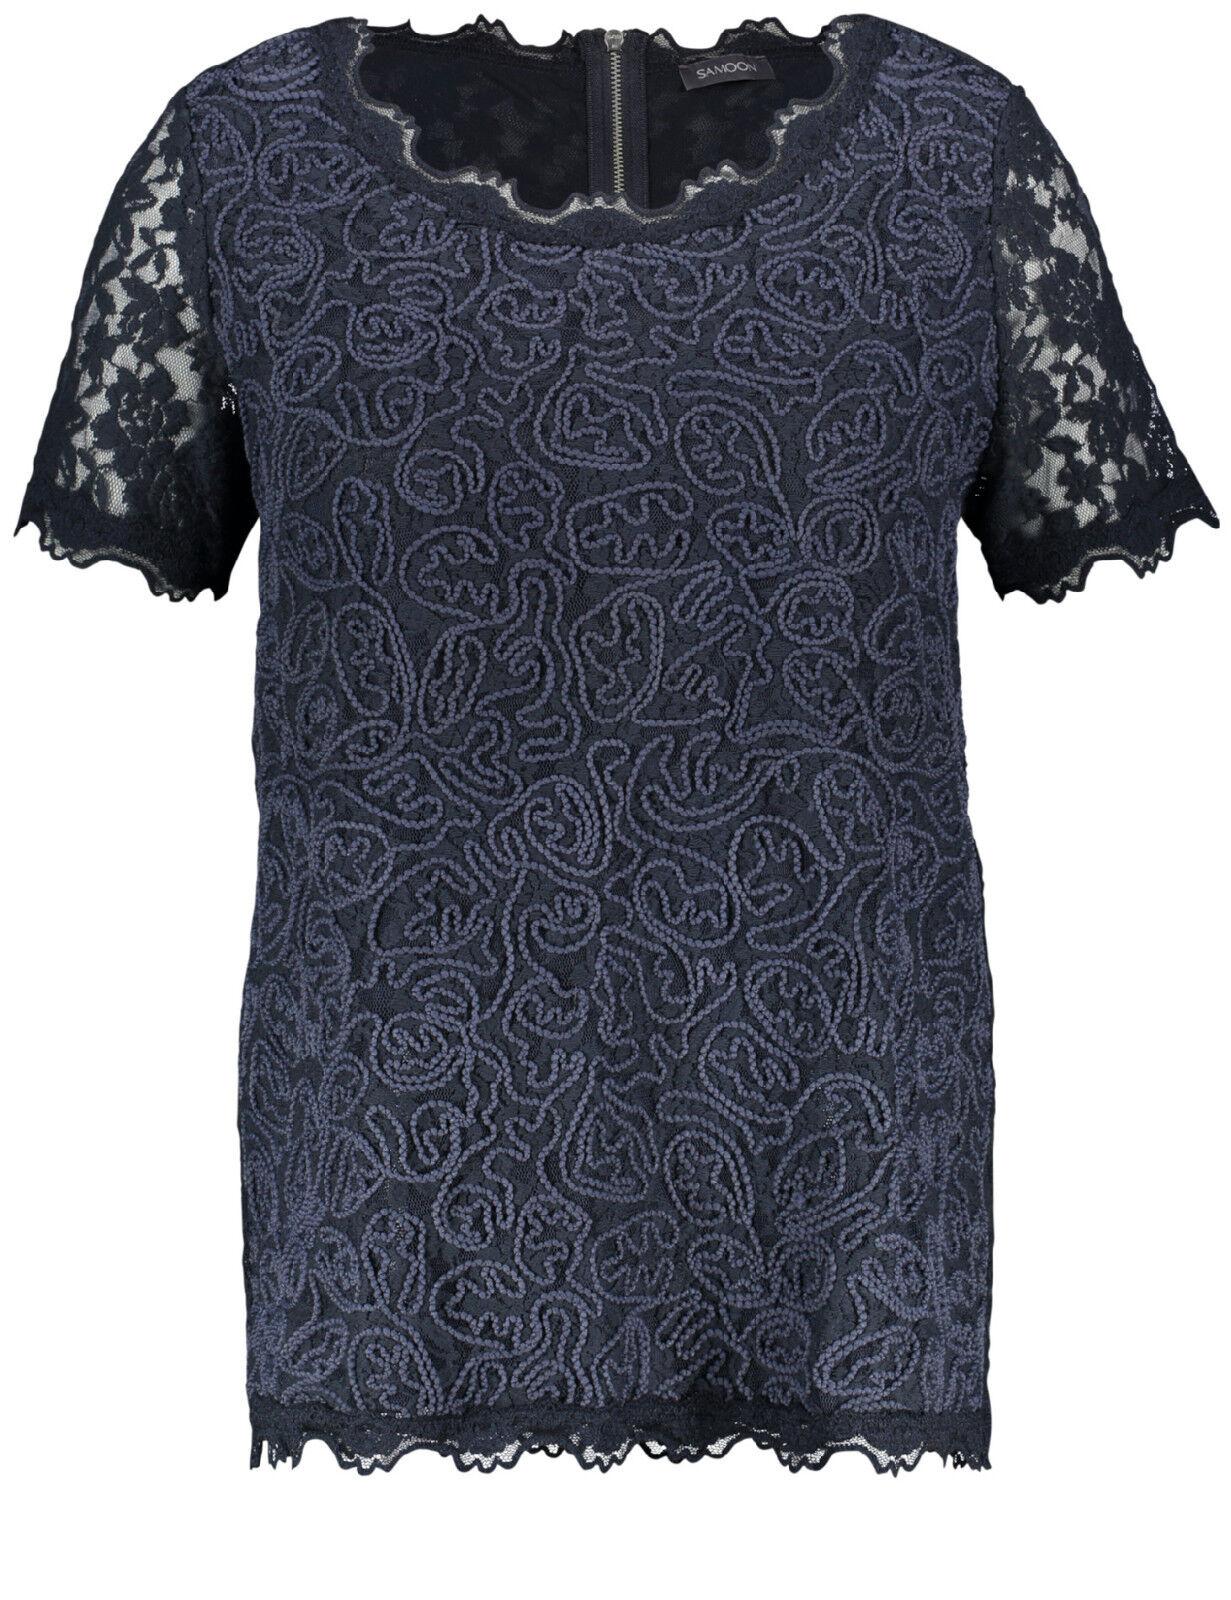 Samoon Spitzenshirt by Gerry Weber blau Smokey-Blau Shirt Spitze Neu Damen Gr.48